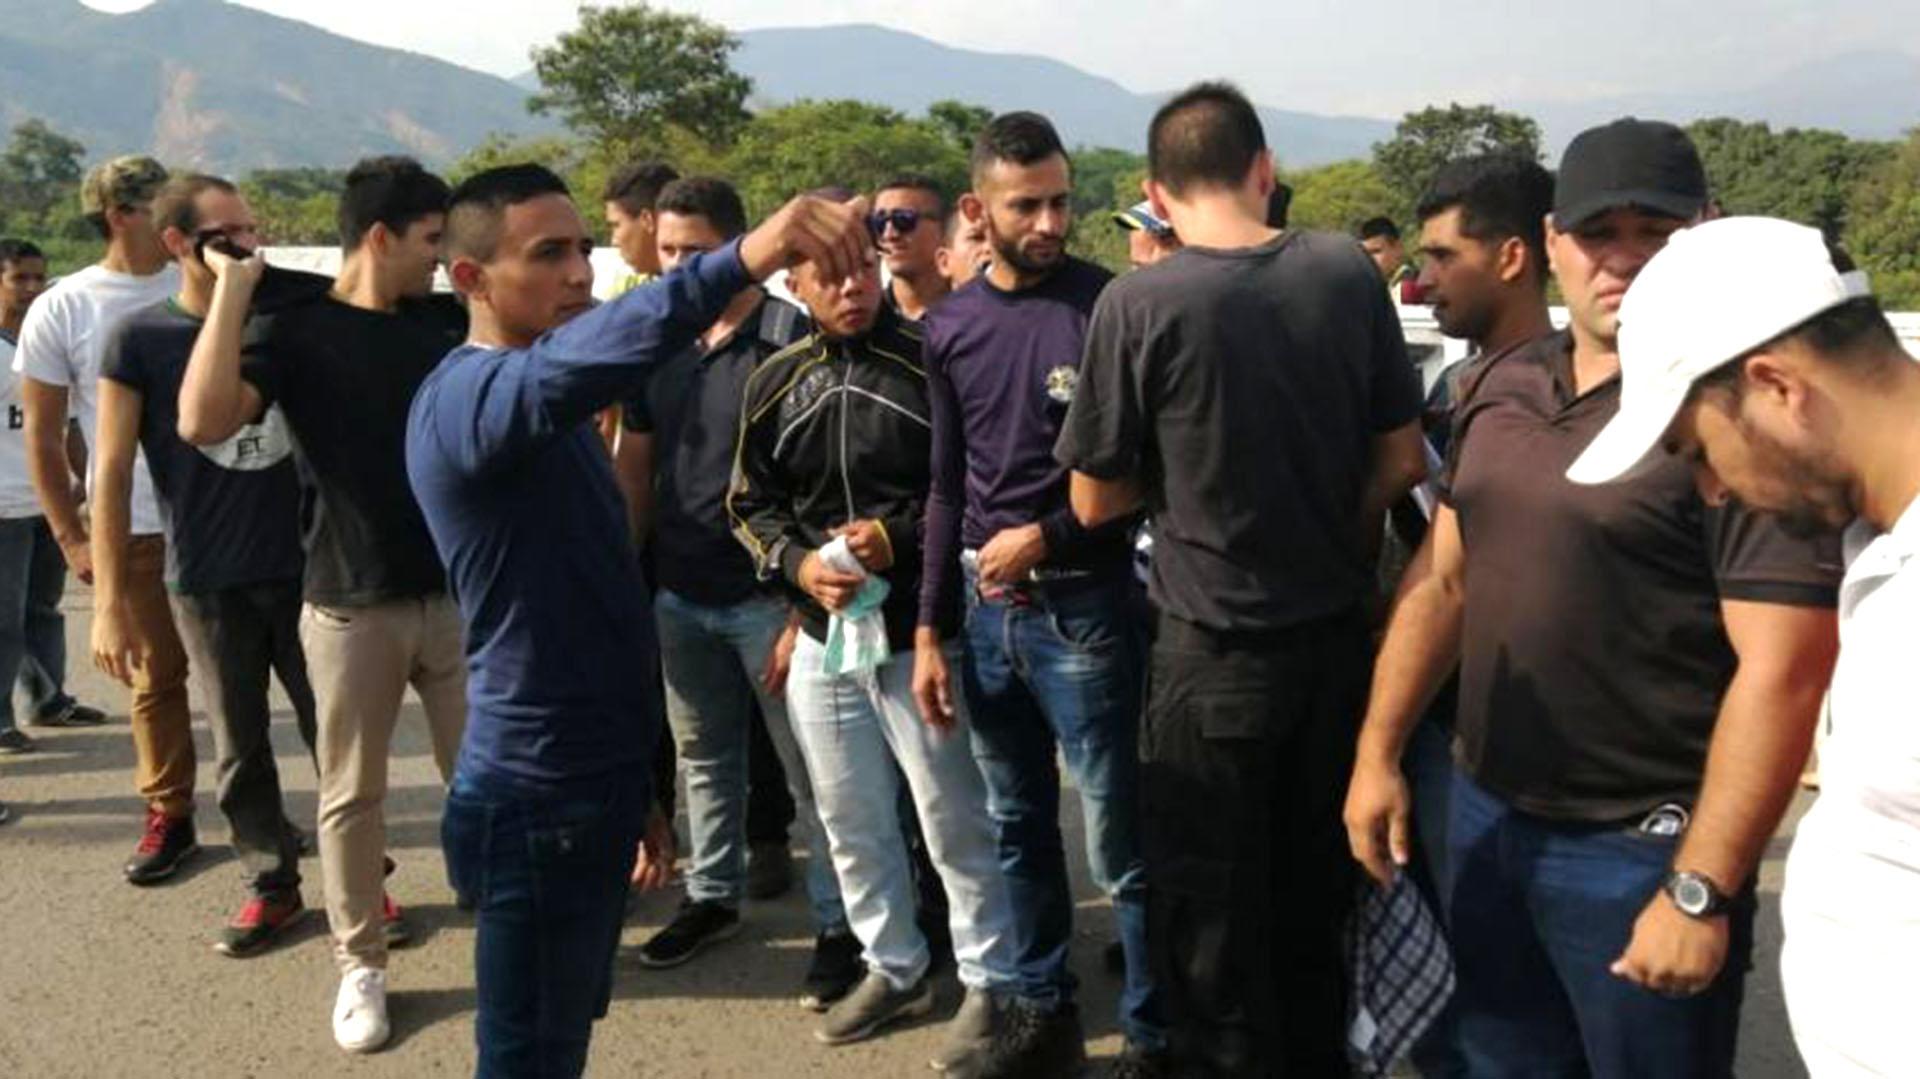 Un grupo de 15 desertores del Ejército de Venezuela se concentraron en la frontera, en Colombia, para unirse a las movilizaciones.